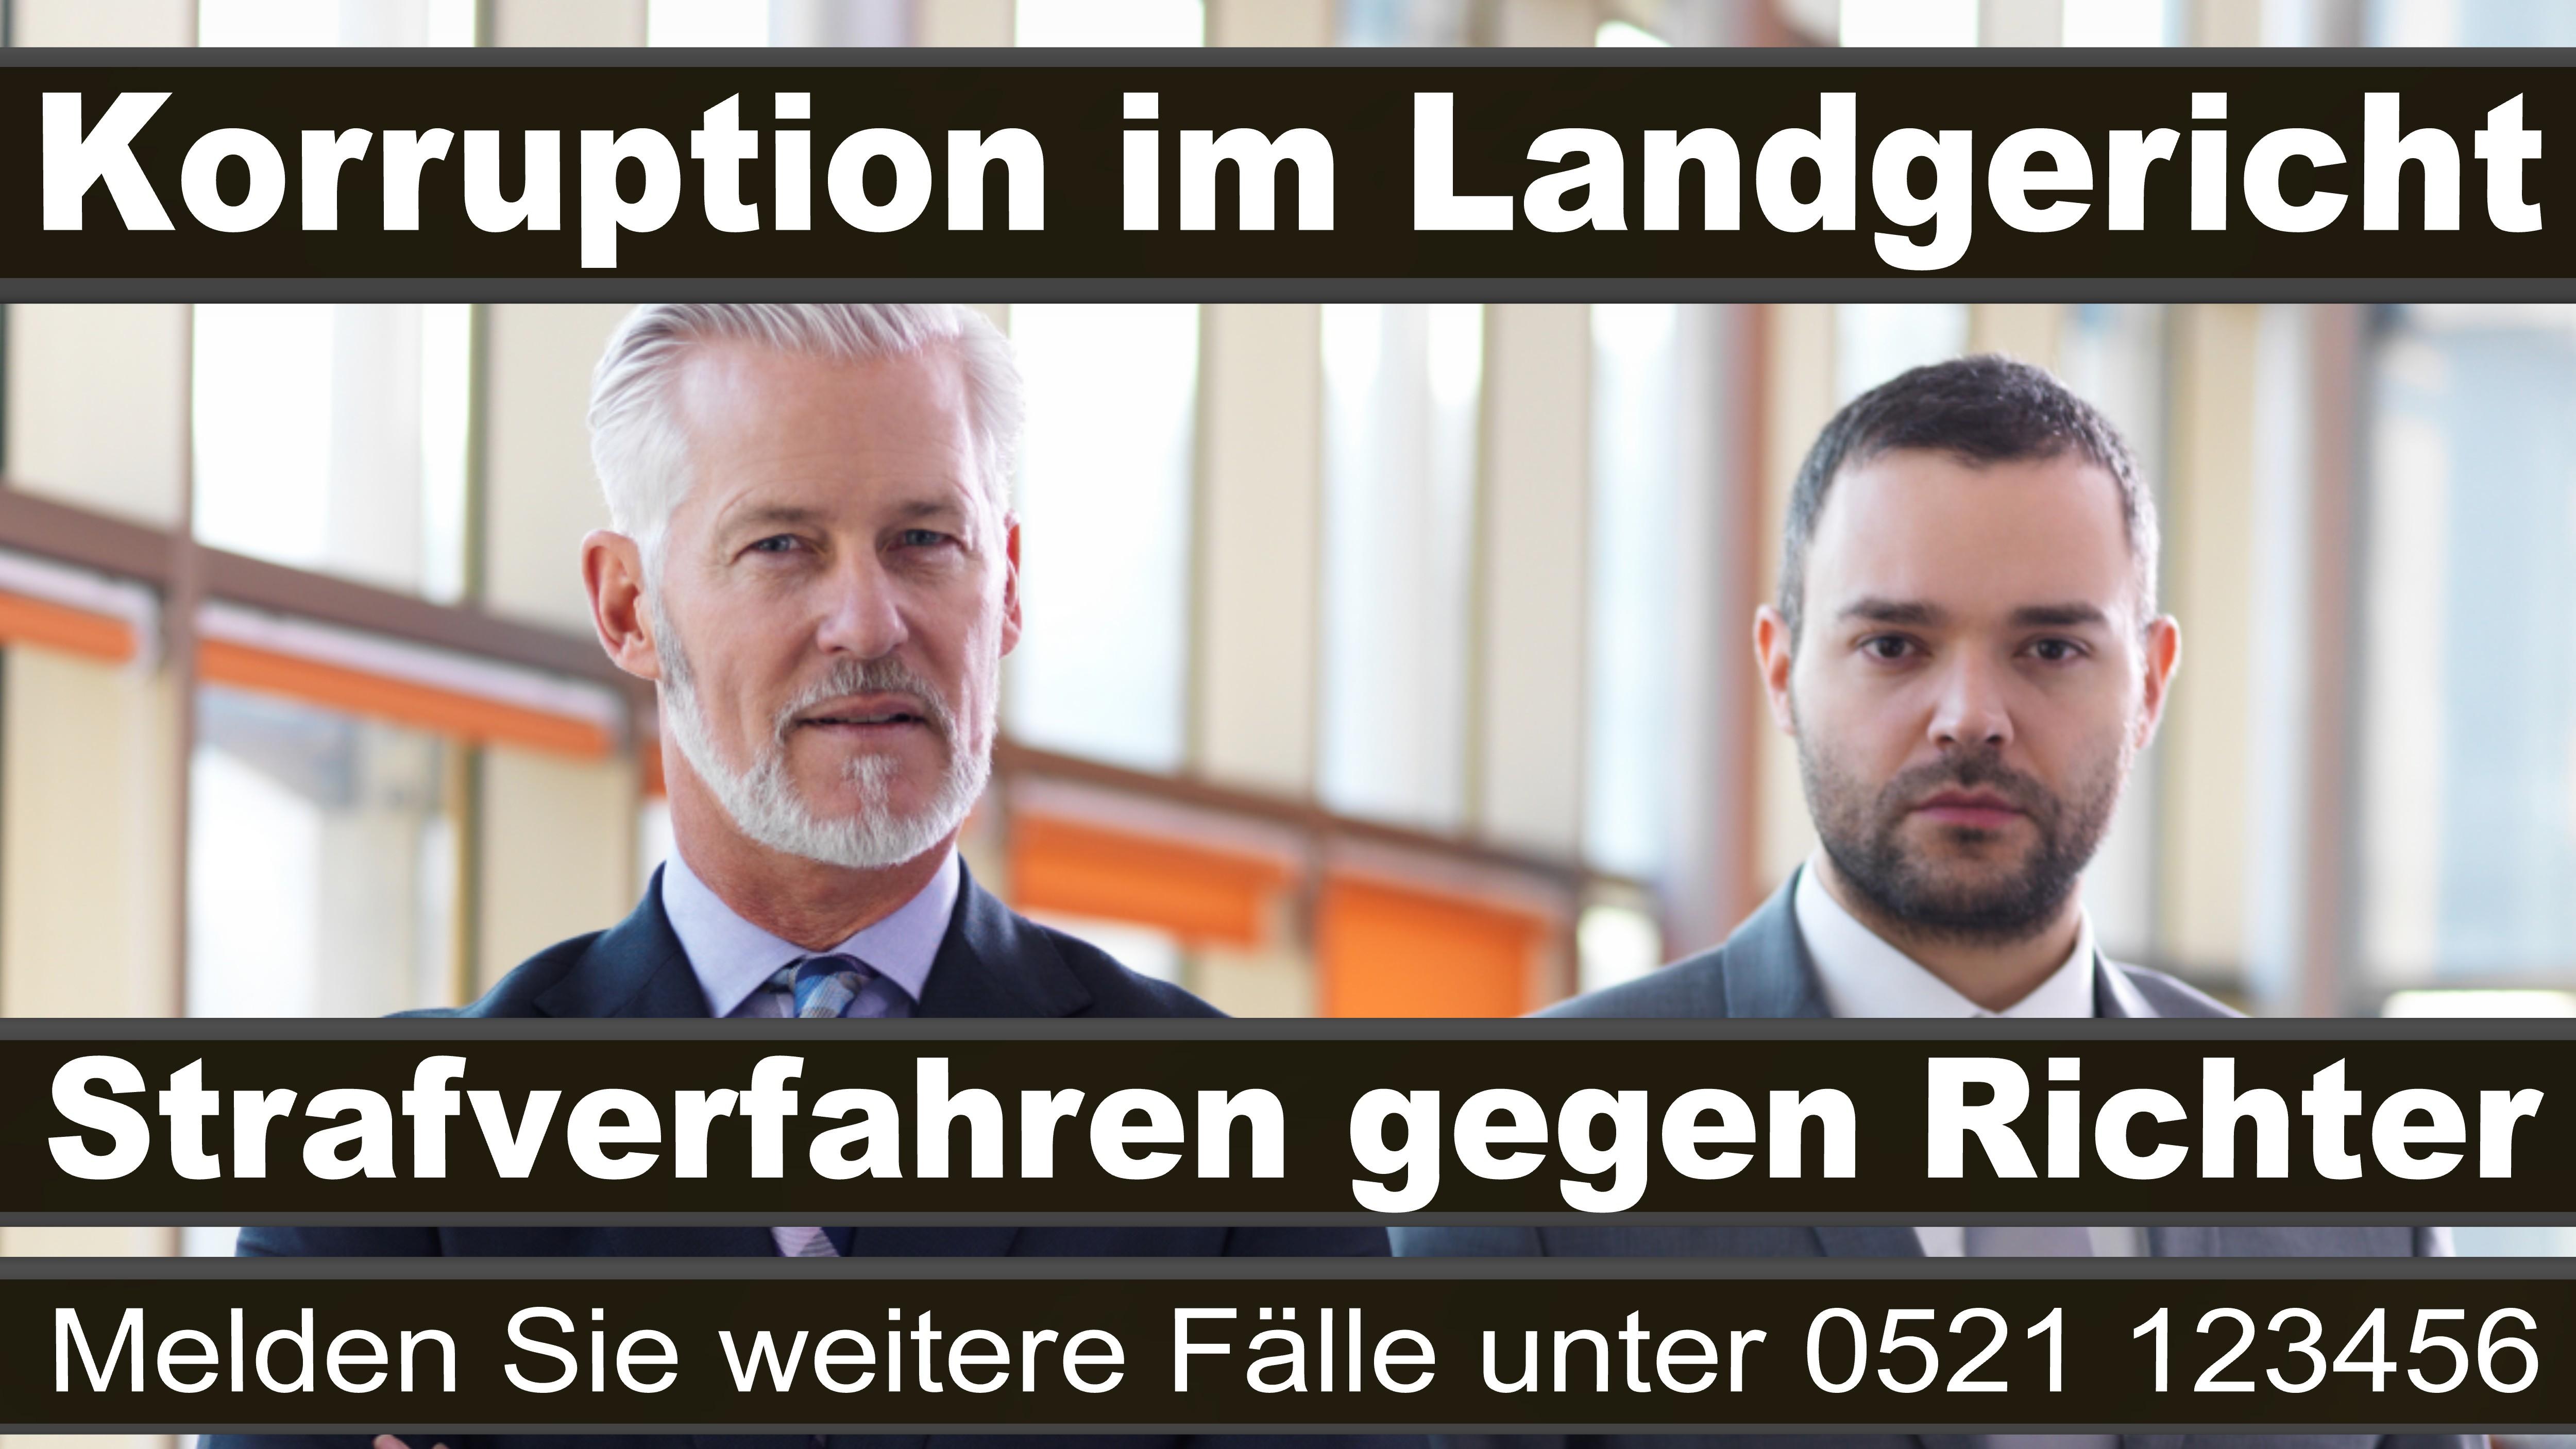 Staatsministerium Der Justiz Sachsen